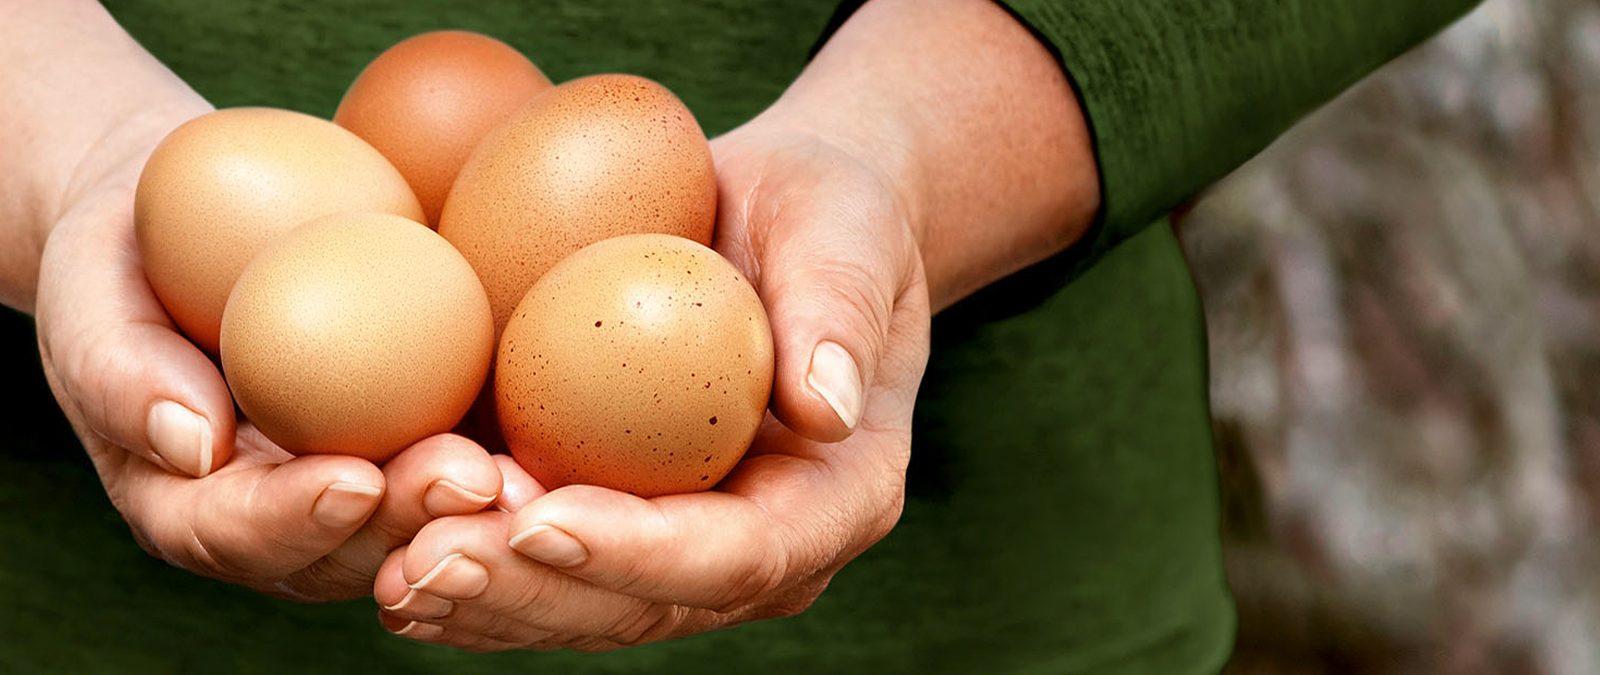 Zwei Hände halten Eier